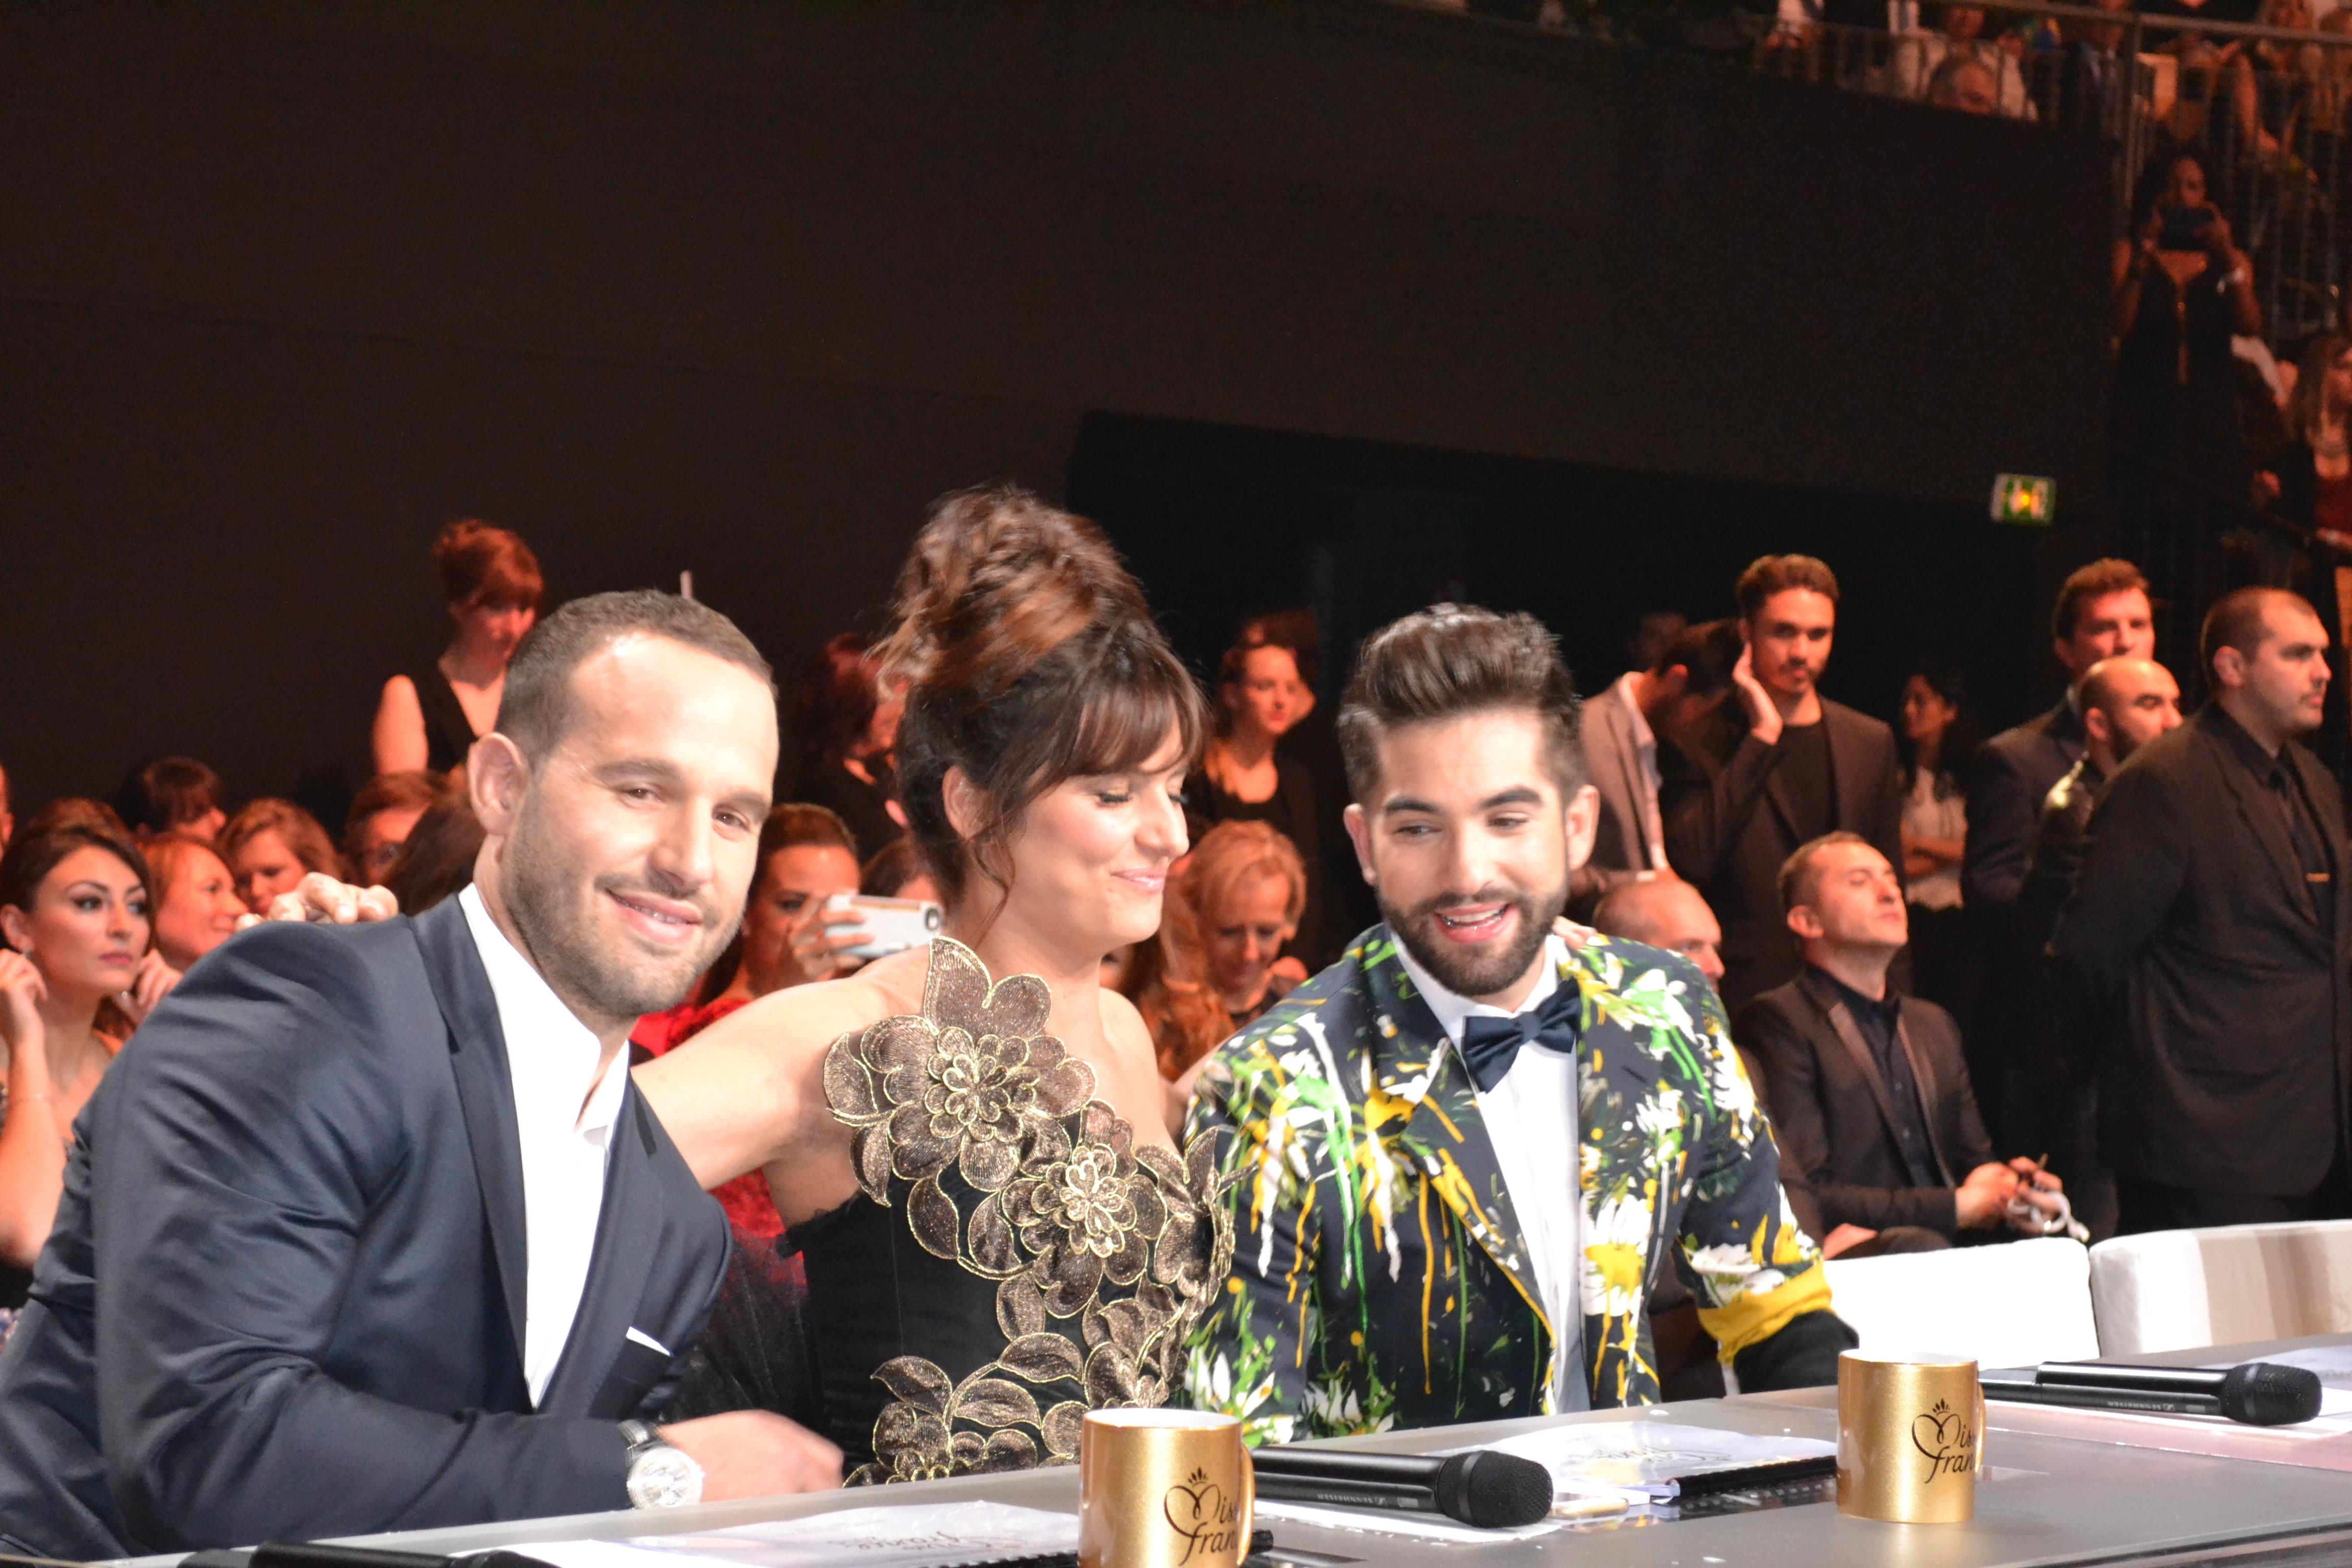 Frédéric Michalak, Laetitia Milot et Kendji Girac, trois des membres du jury Miss France 2016